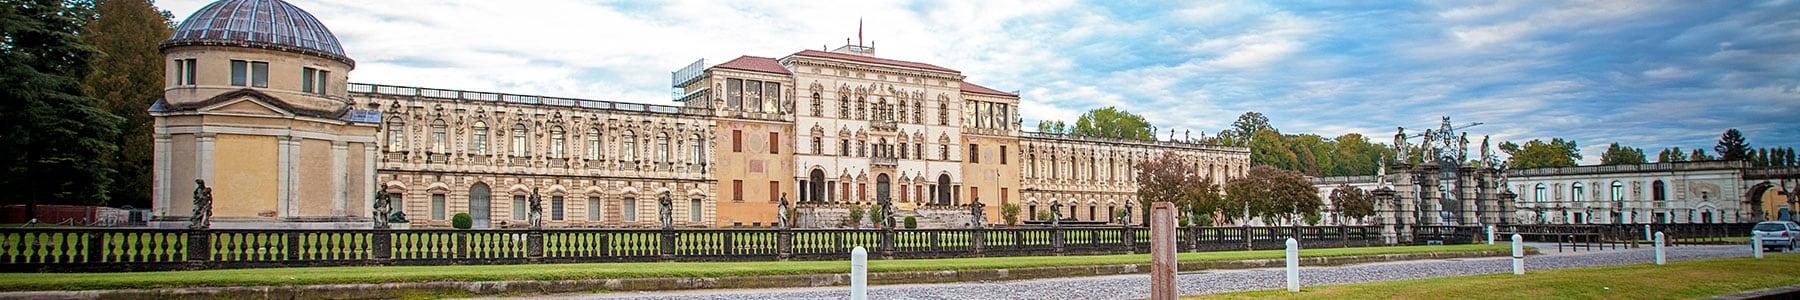 Villa Contarini - Fondazione G.E. Ghirardi